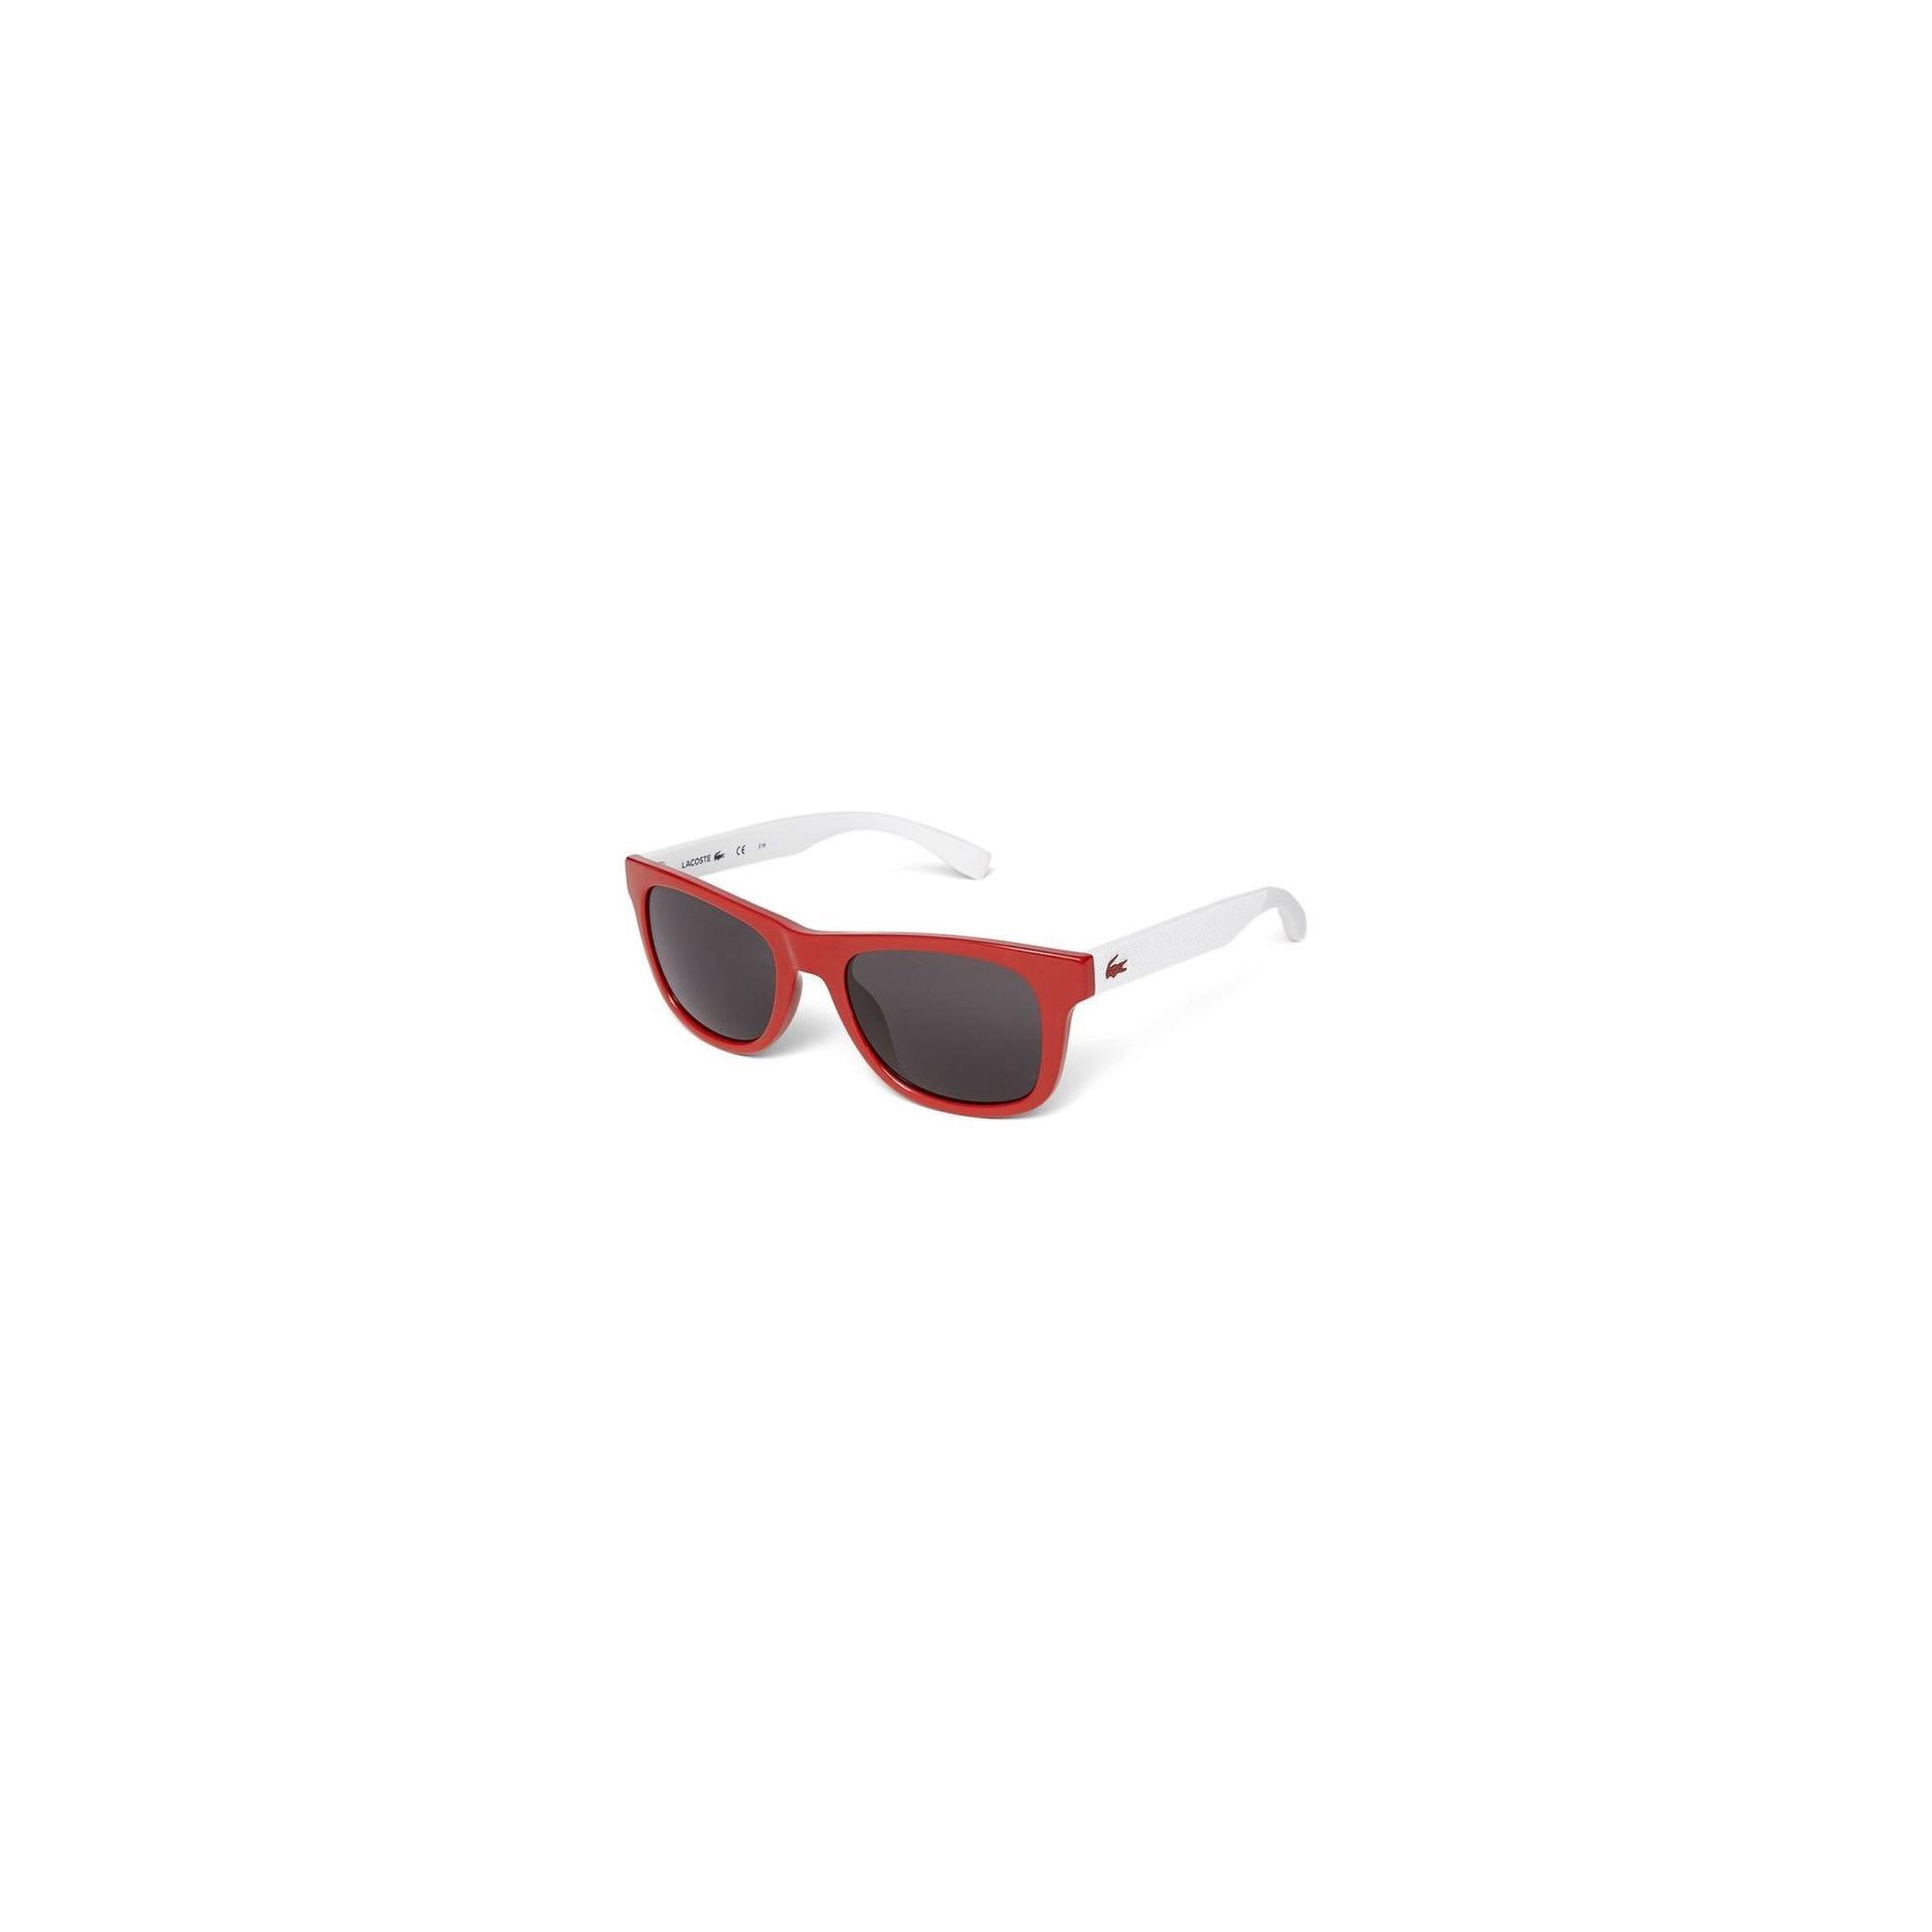 Lacoste Unisex Beyaz - Kırmızı Gözlük